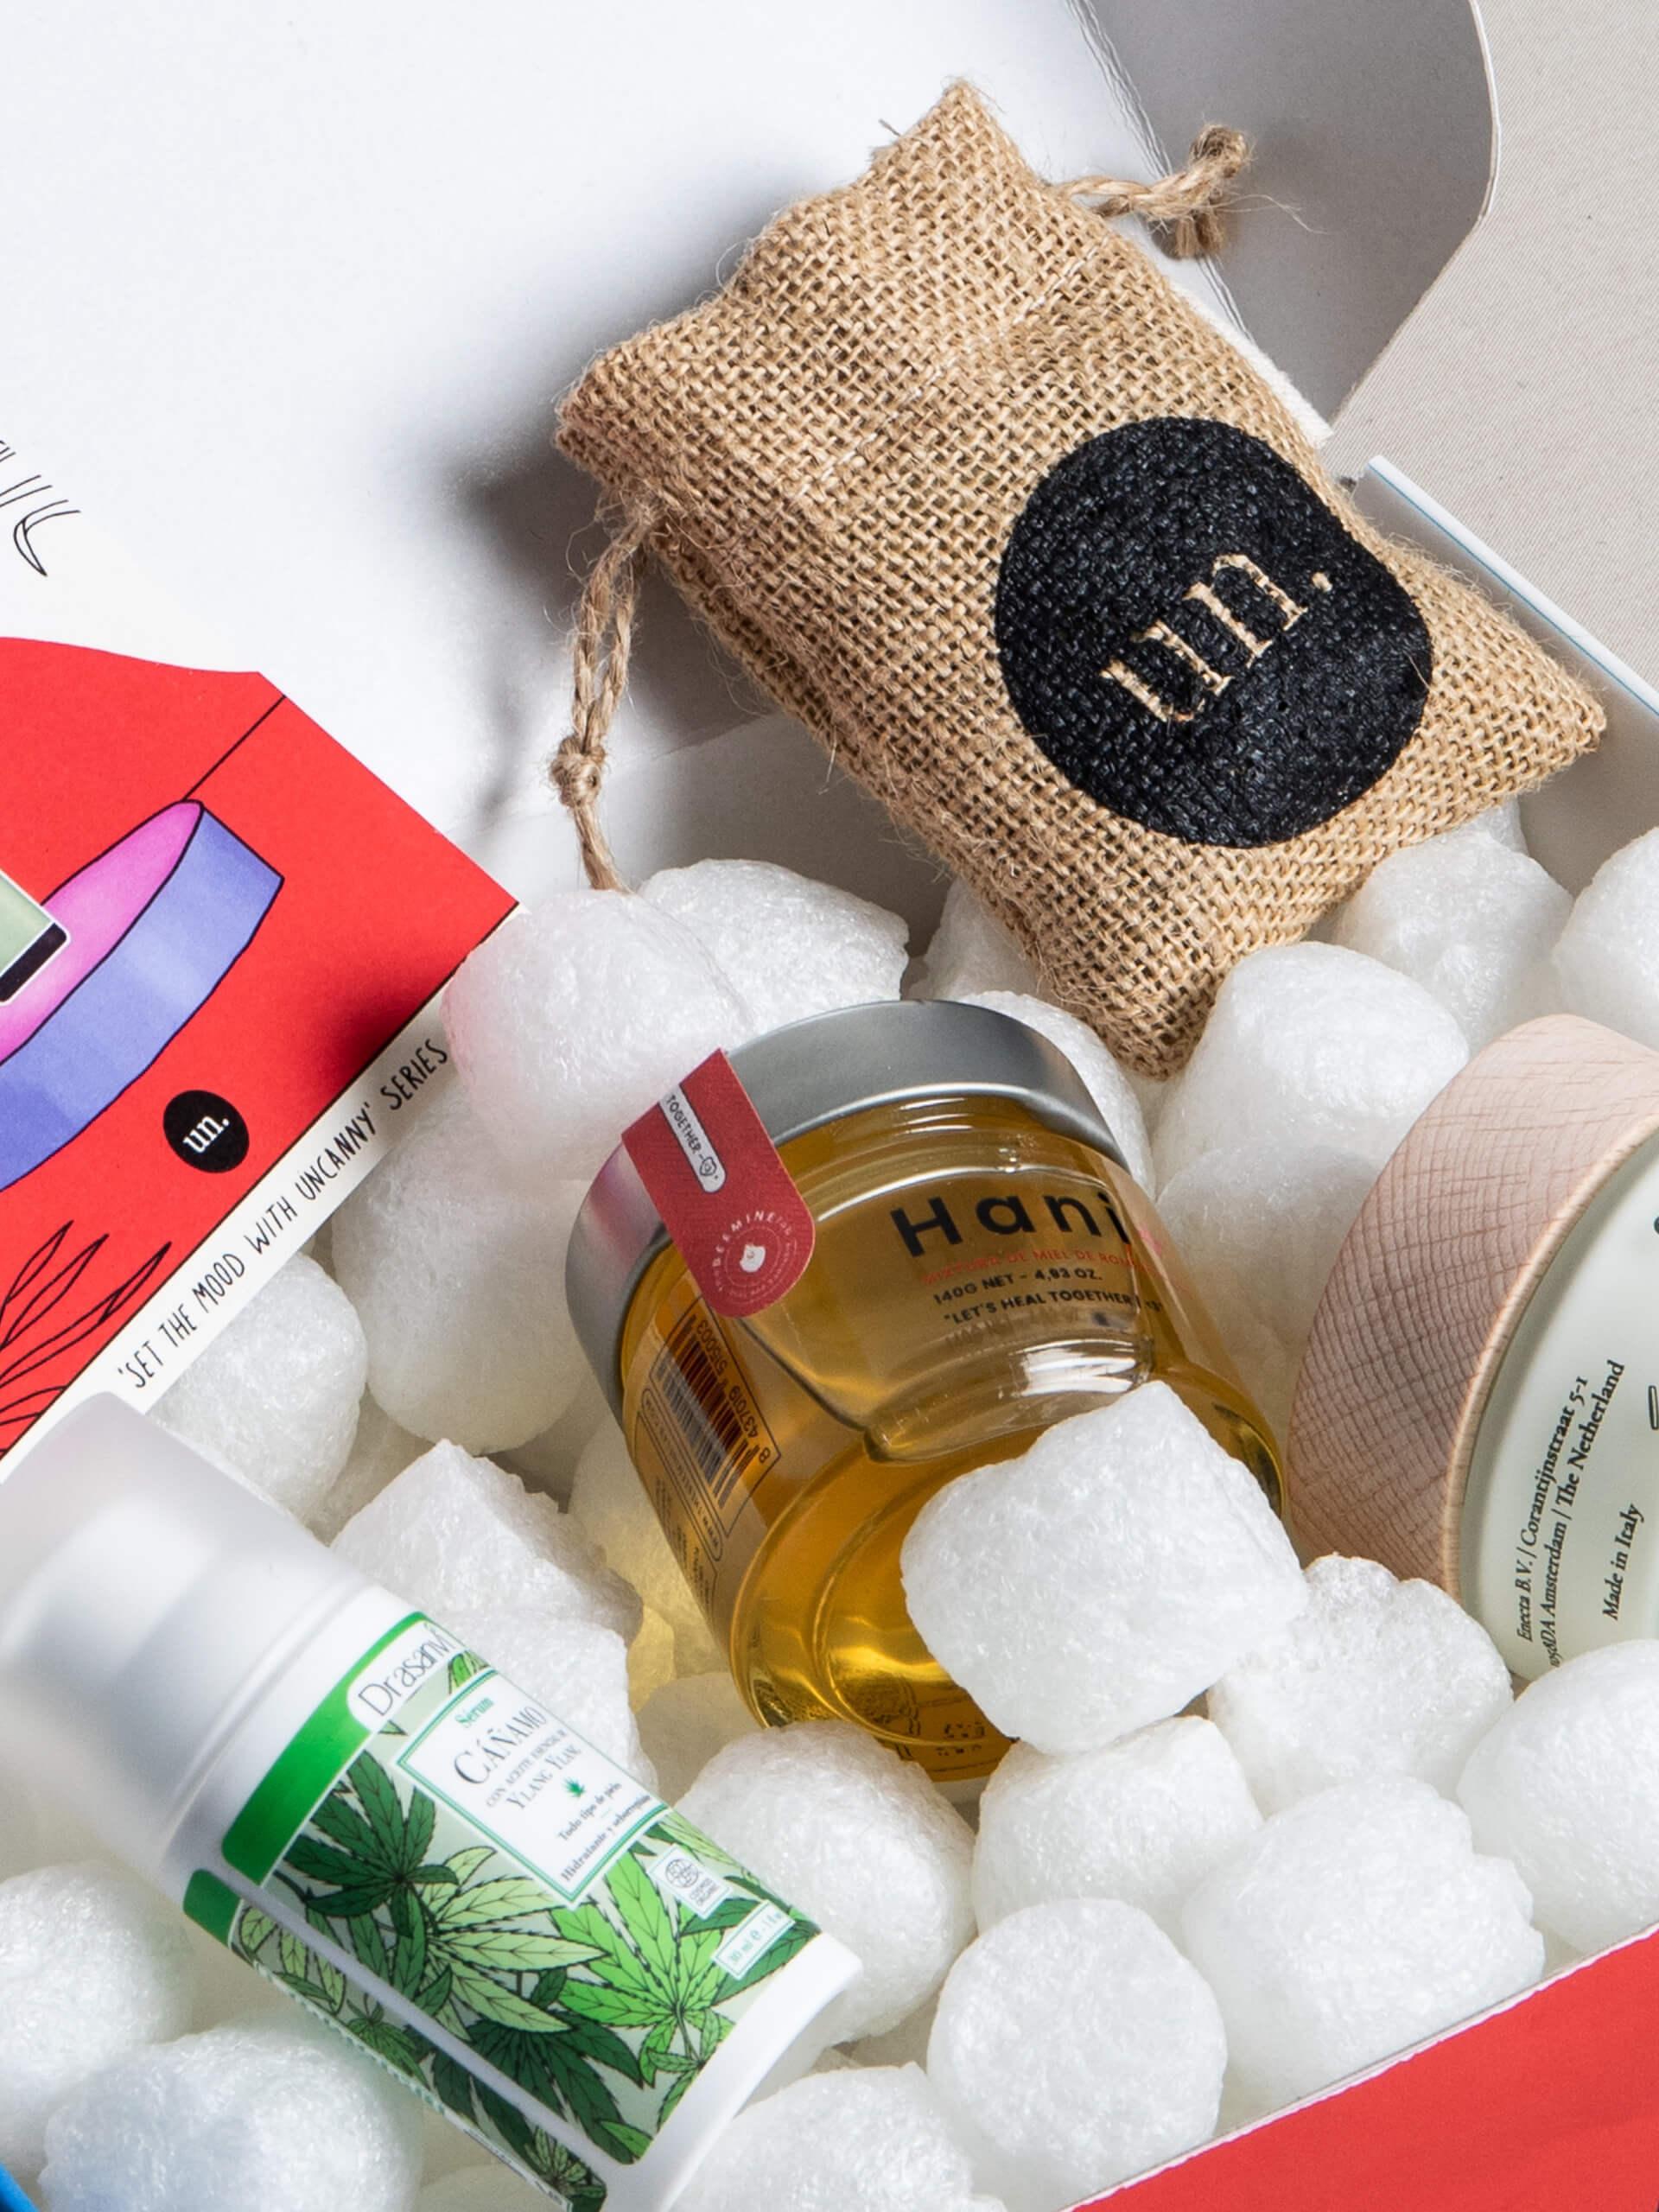 productos cosméticos de la marca Uncanny